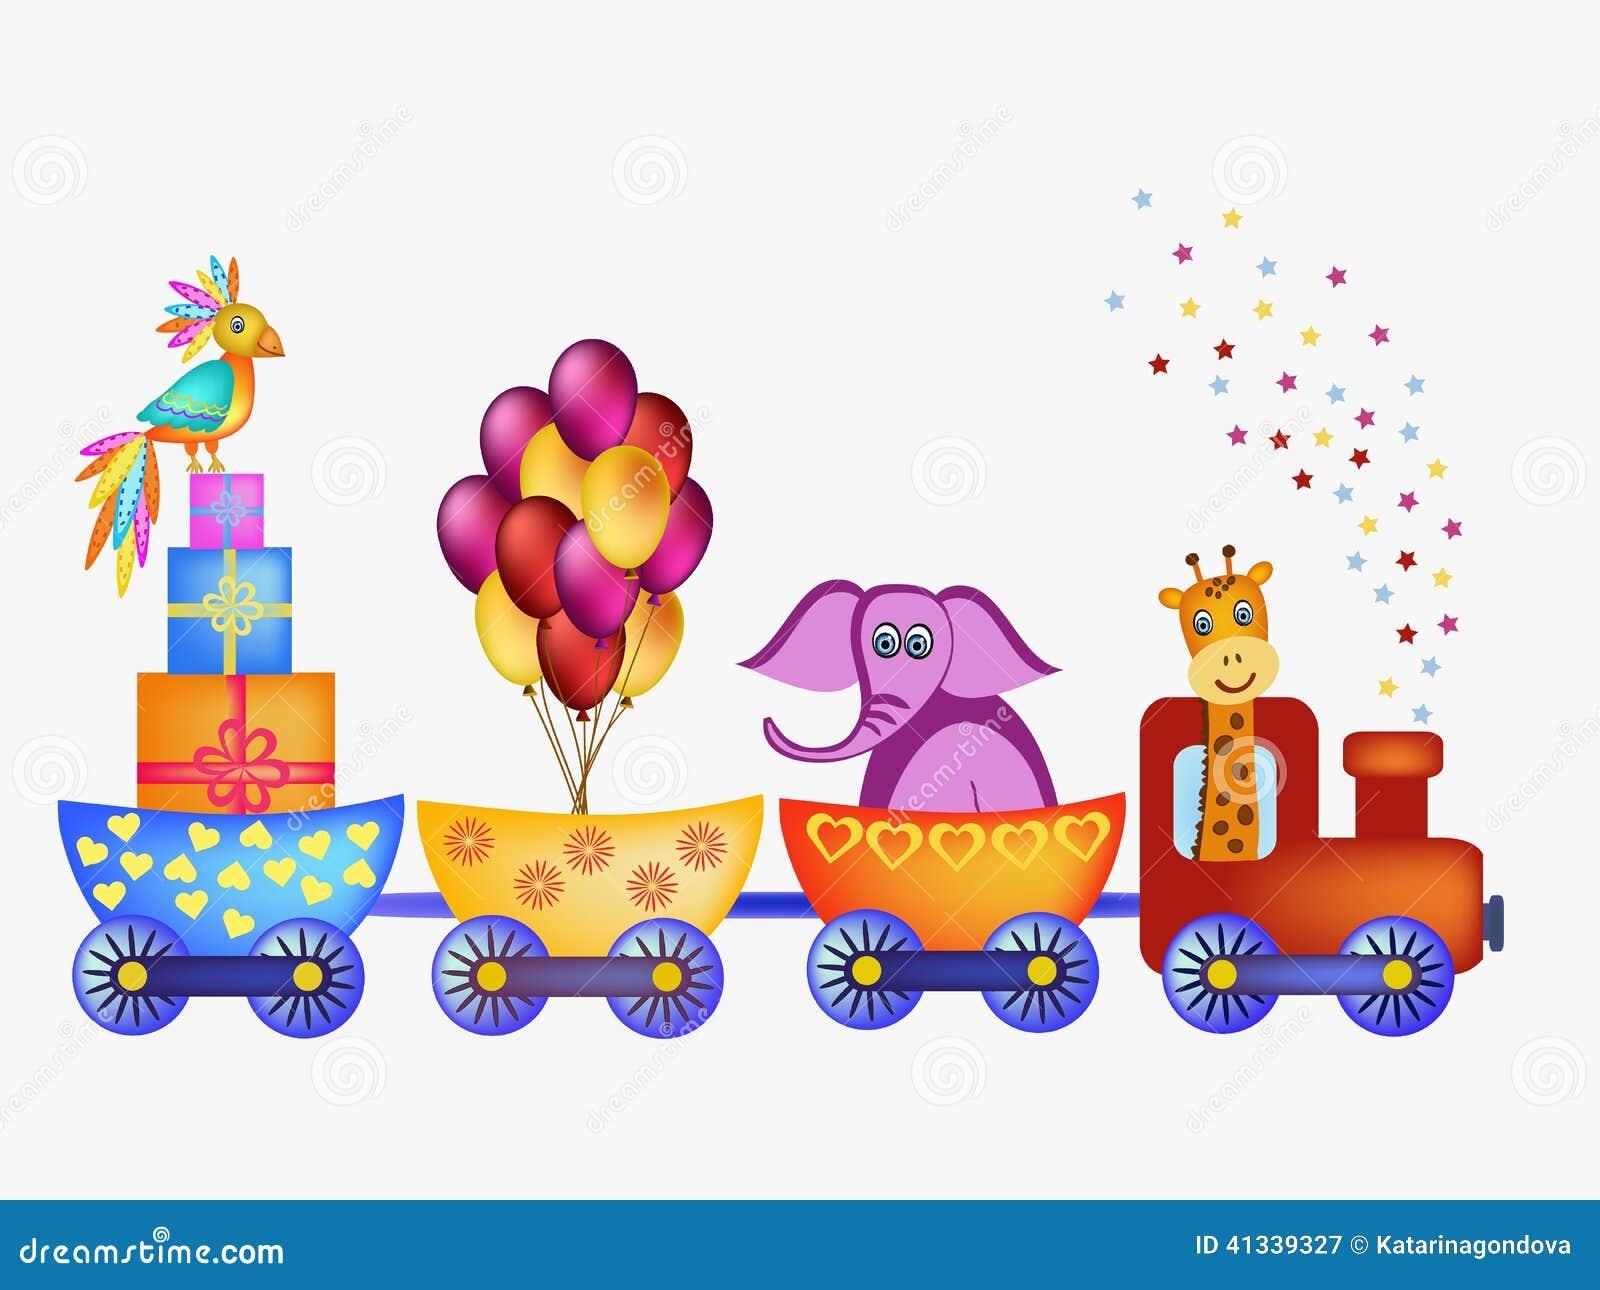 Parrot, Giraffe, Elephant In Train Frame Illustration 41339327 ...